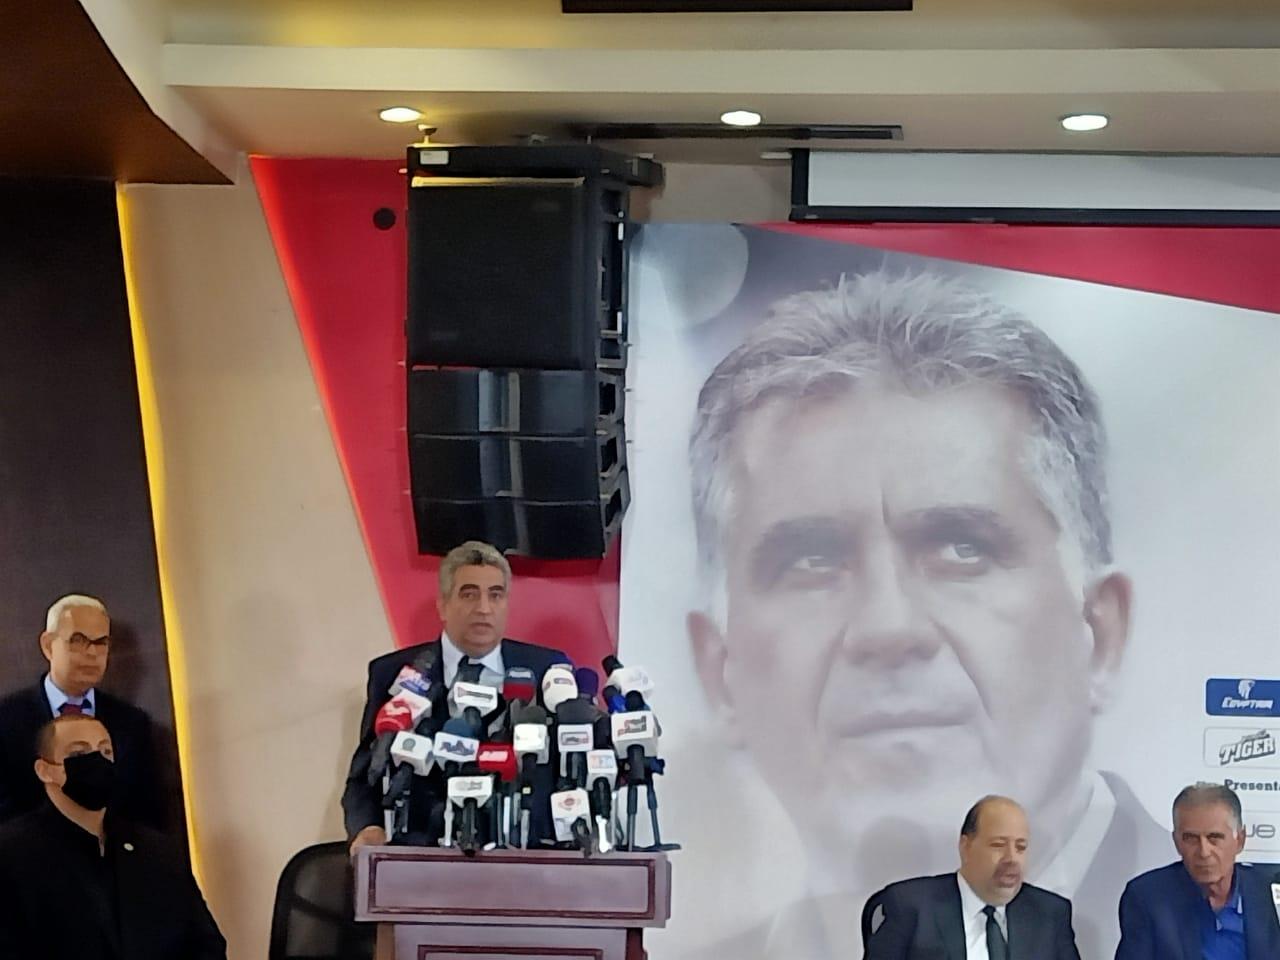 أحمد مجاهد ثقتنا كبيرة بجهاز كيروش في التأهل للمونديال